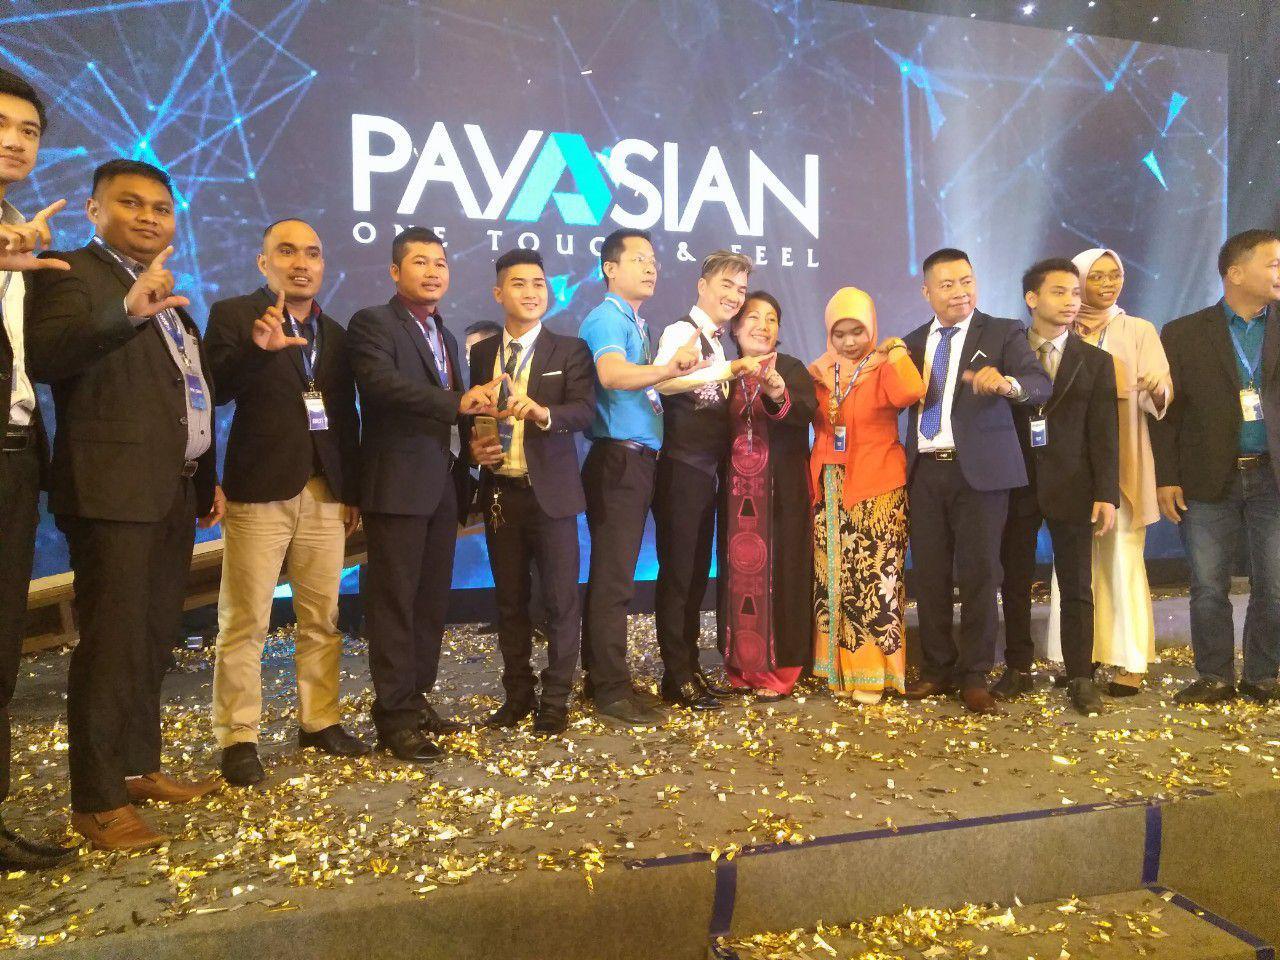 Bộ Công an cảnh báo Ví điện tử PayAsian có dấu hiệu lừa đảo - 1